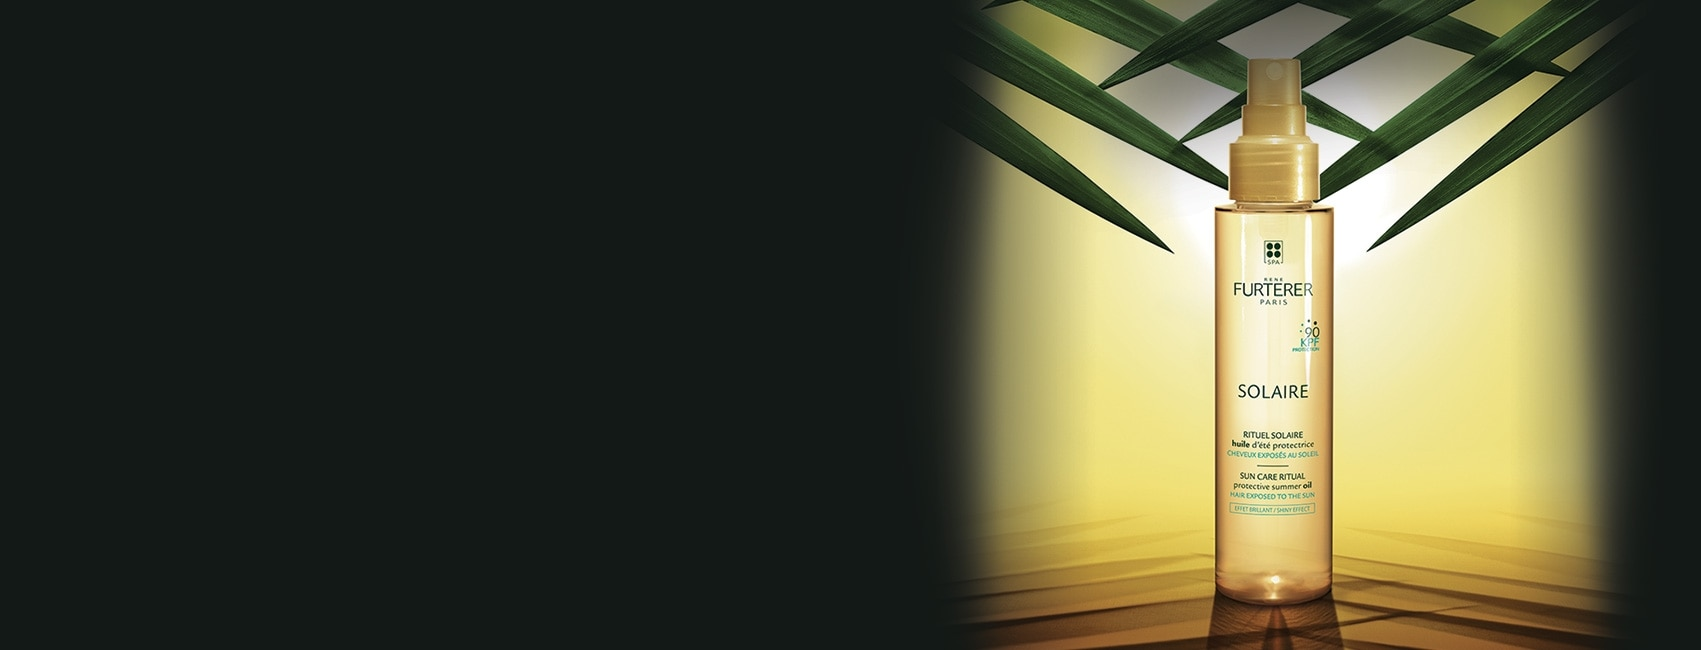 SOLAIRE - Rituel SOLAIRE - Cheveux sensibilisés : soleil, mer, piscine | René Furterer